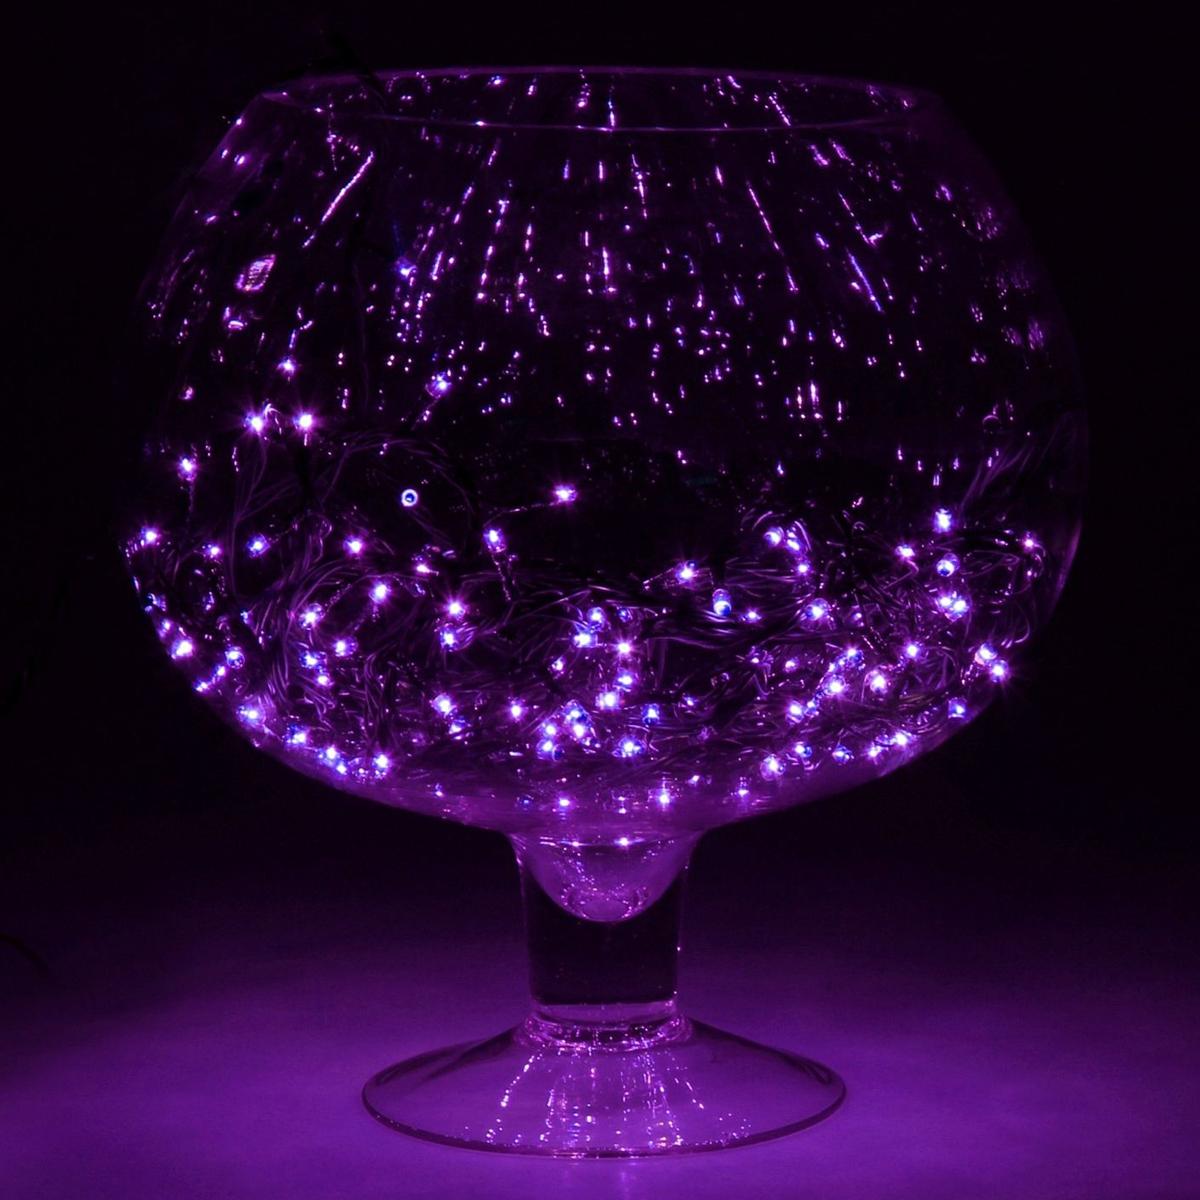 """Гирлянда Luazon """"Метраж"""", 8 режимов, 180 ламп, 220 V, 7 м, цвет: фиолетовый. 187158"""